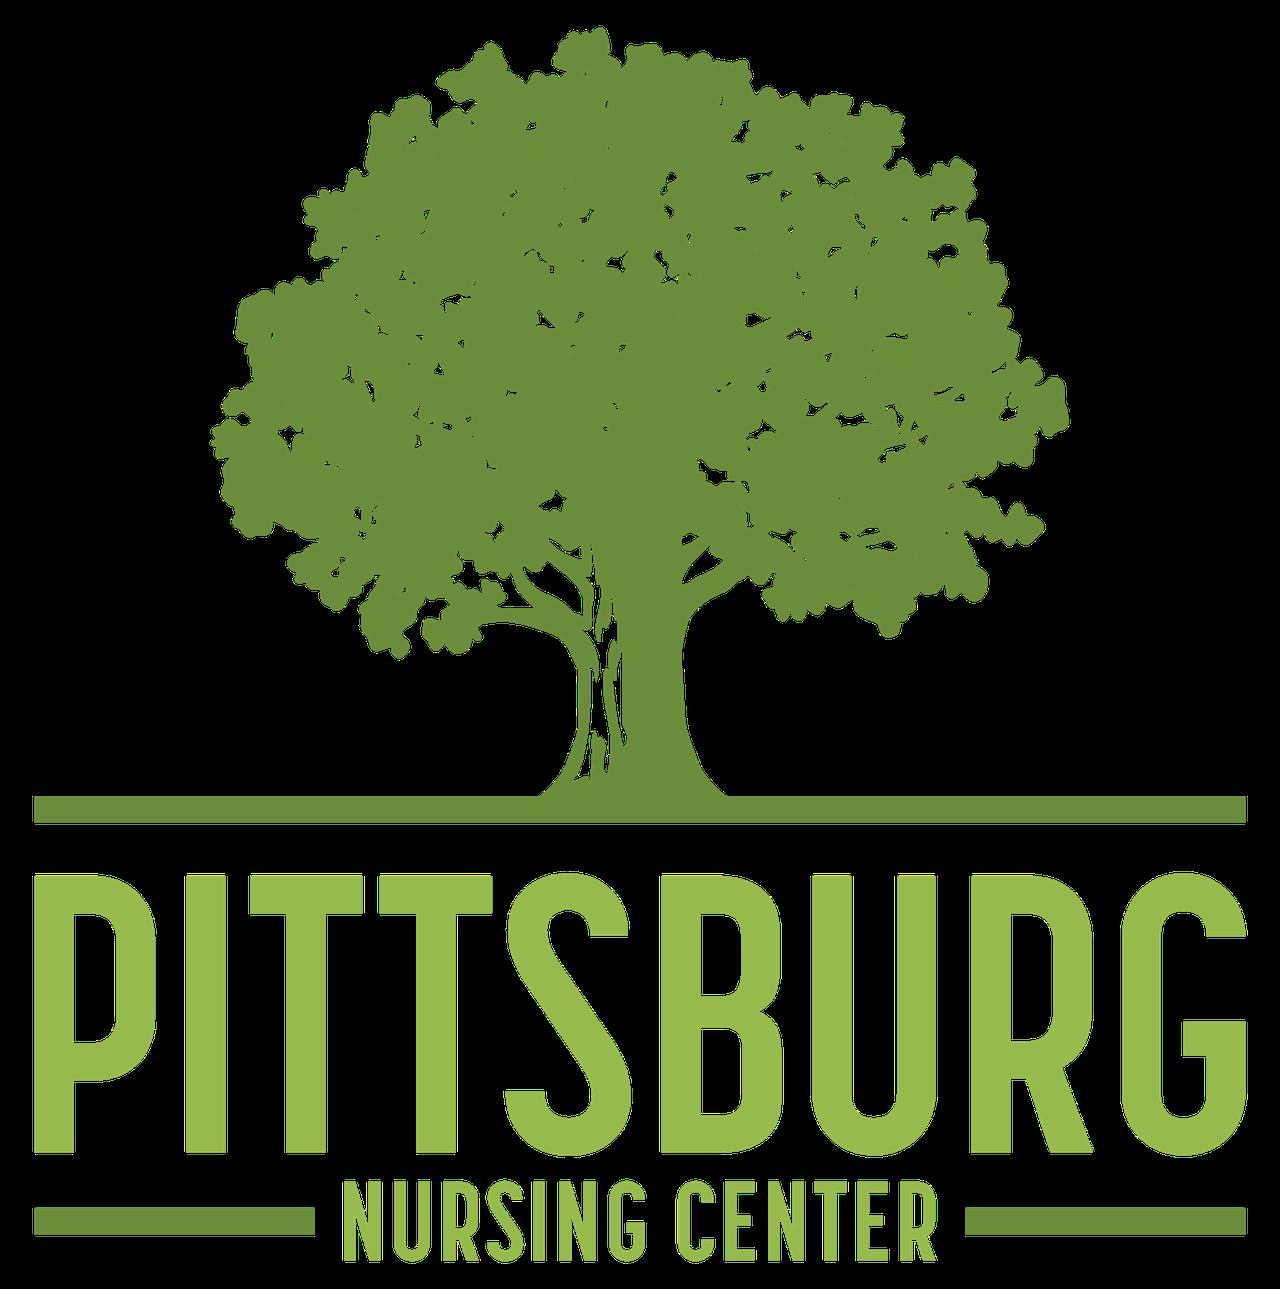 pittsburg nursing logo.png